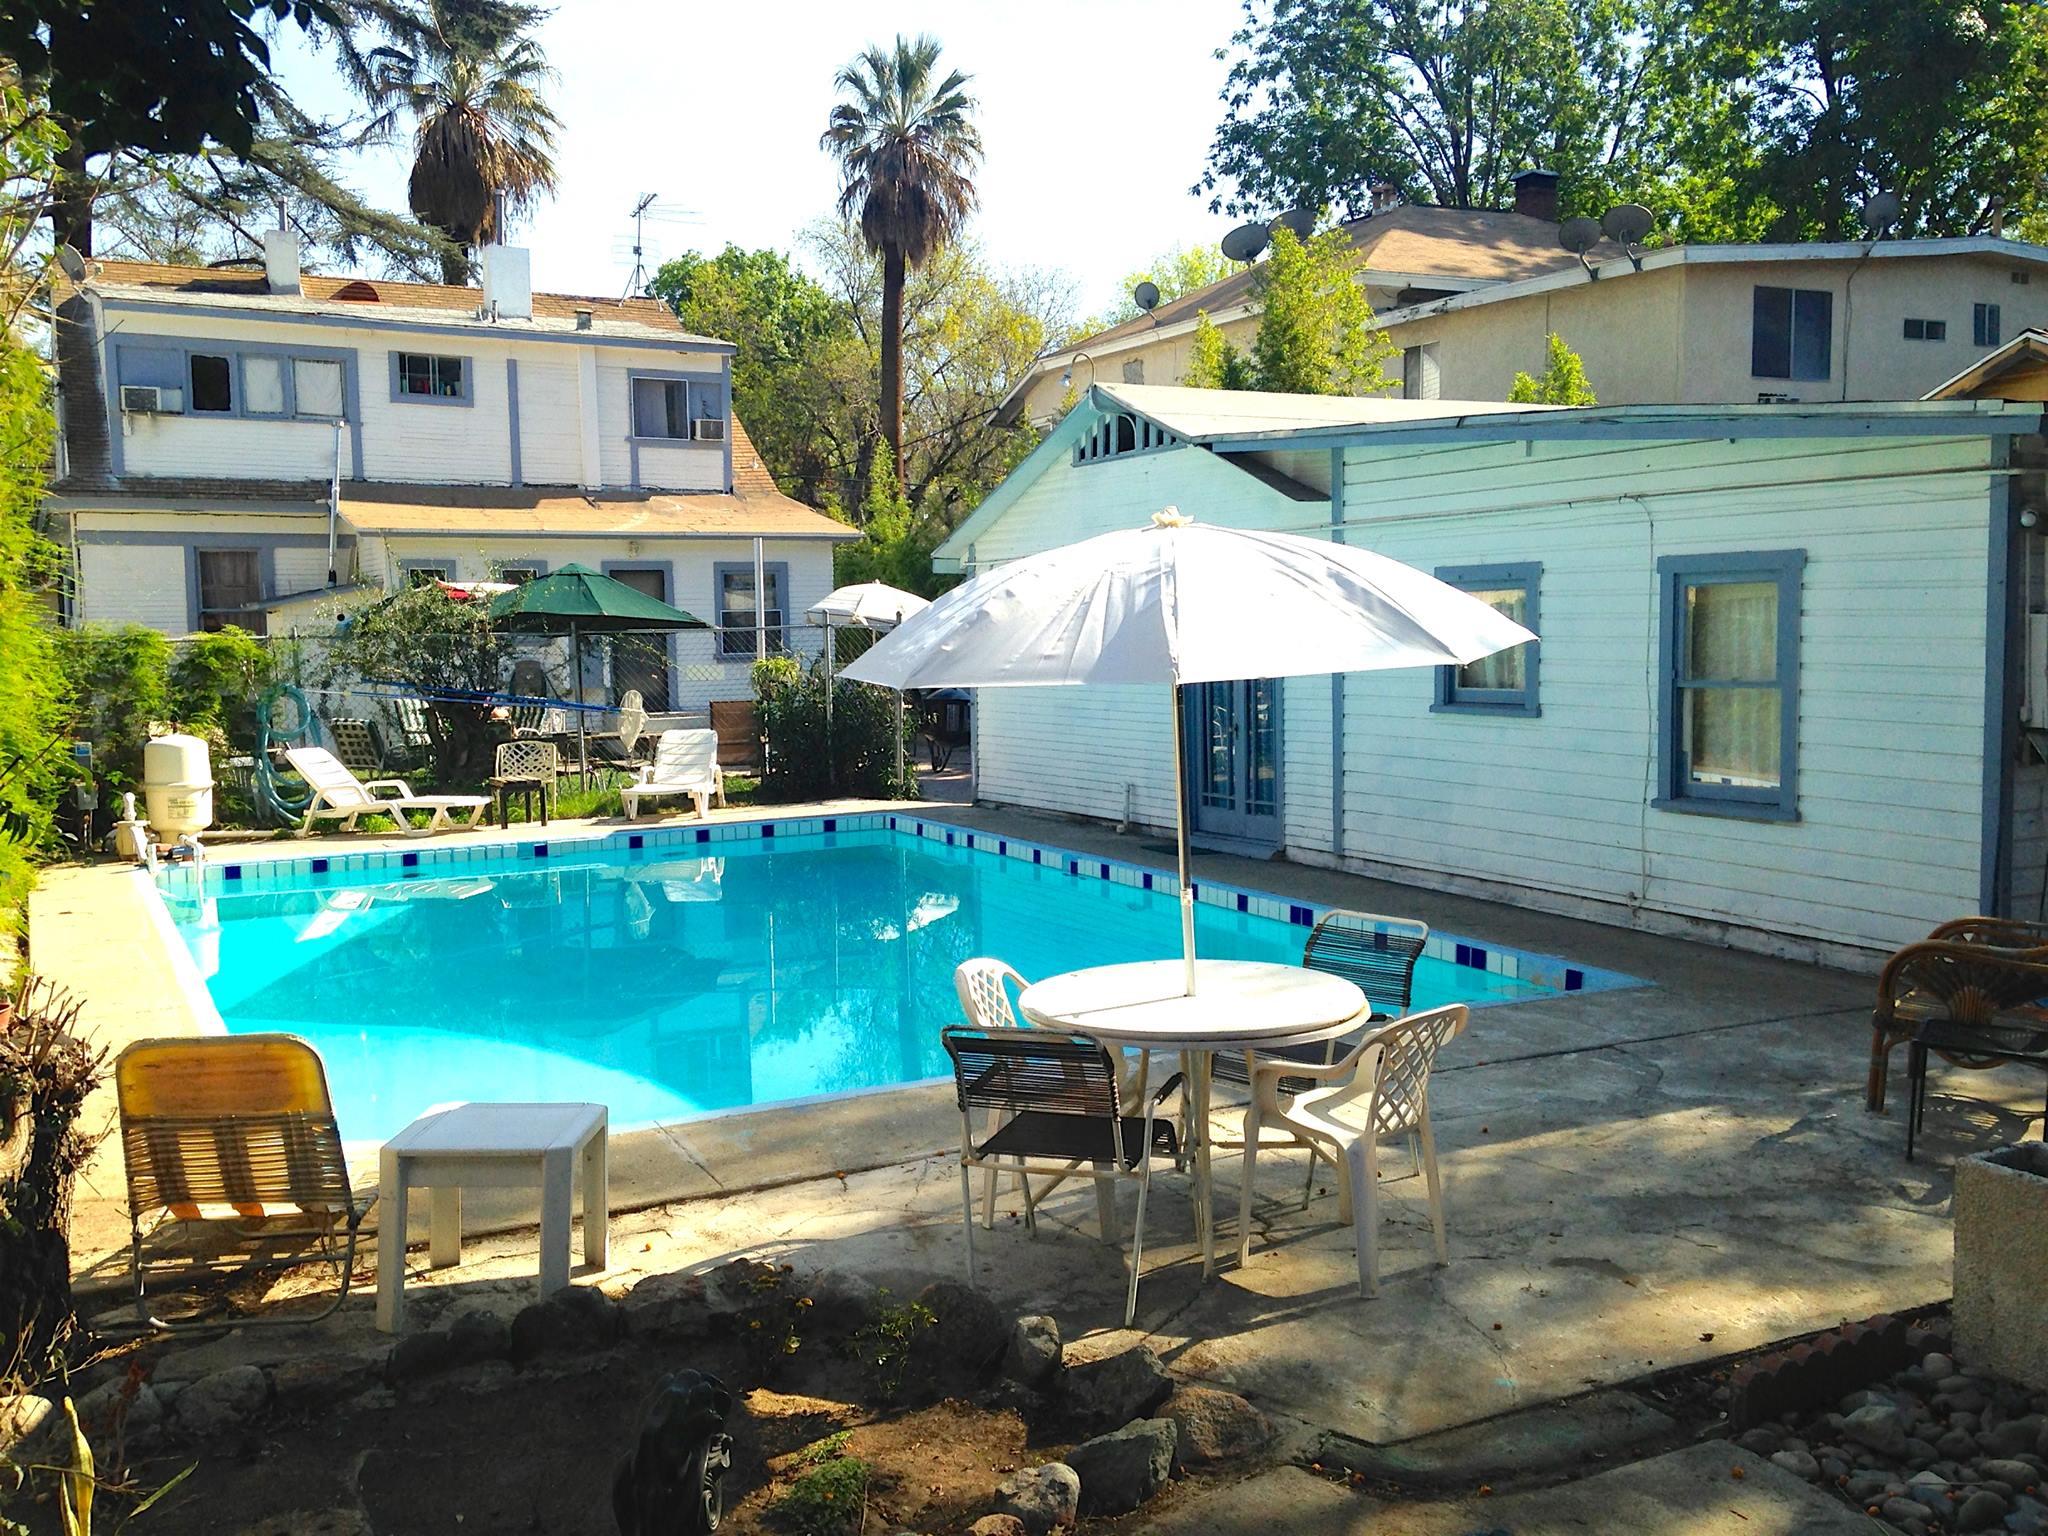 Sober living house in Riverside, Cal